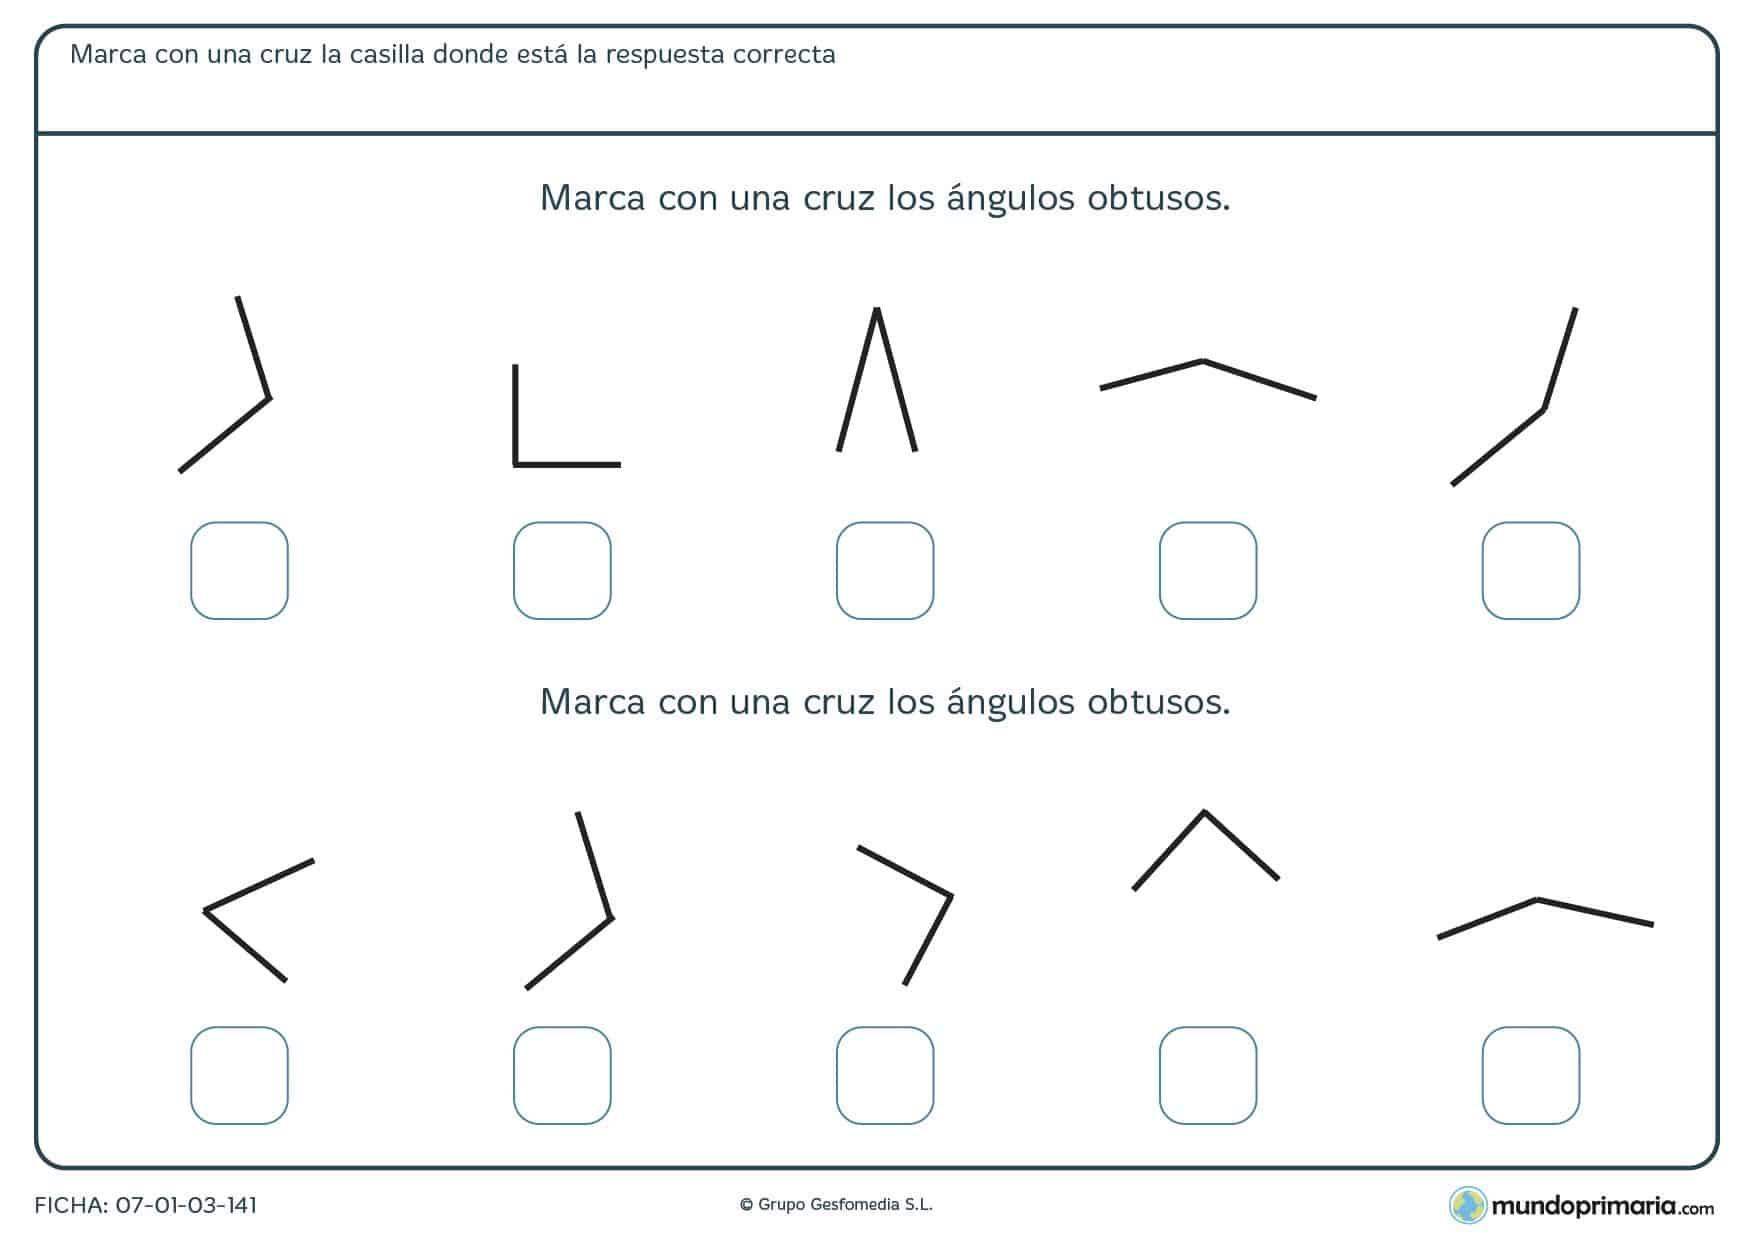 Ficha de ángulos obtusos en la que deberás señalar los ángulos de este tipo que encuentres.